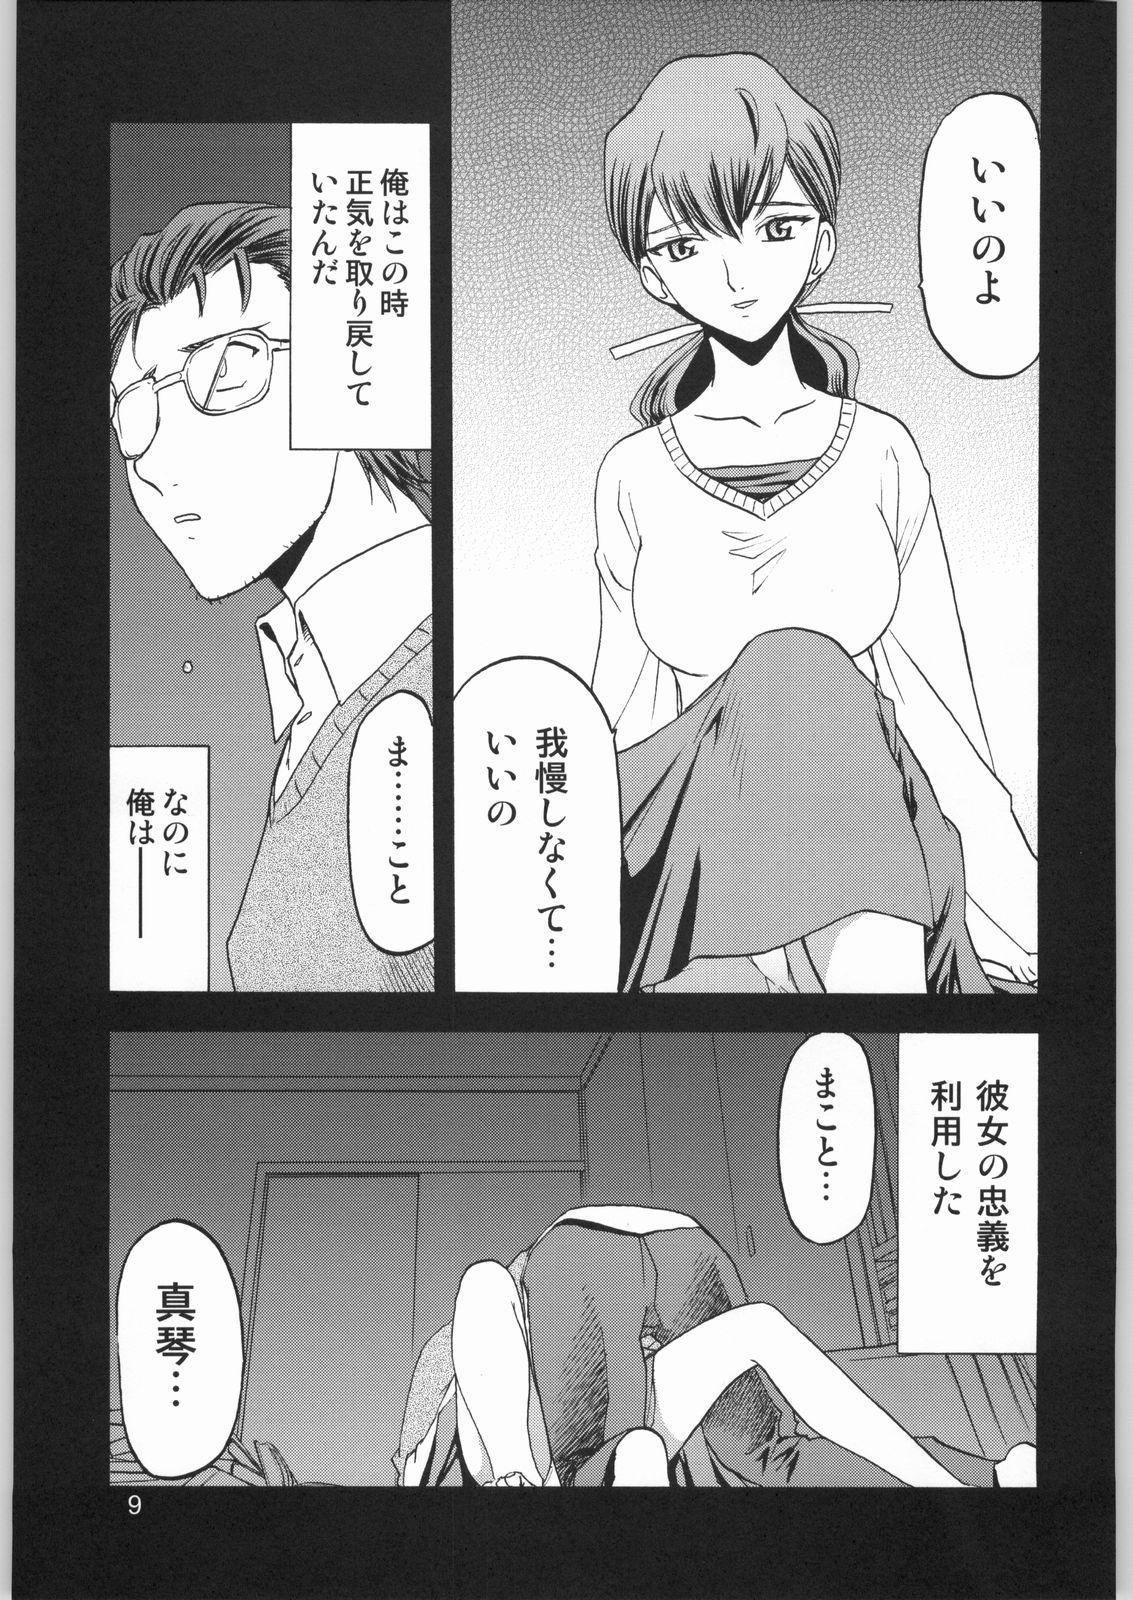 Yagyuu Ichizoku no Inkou 7